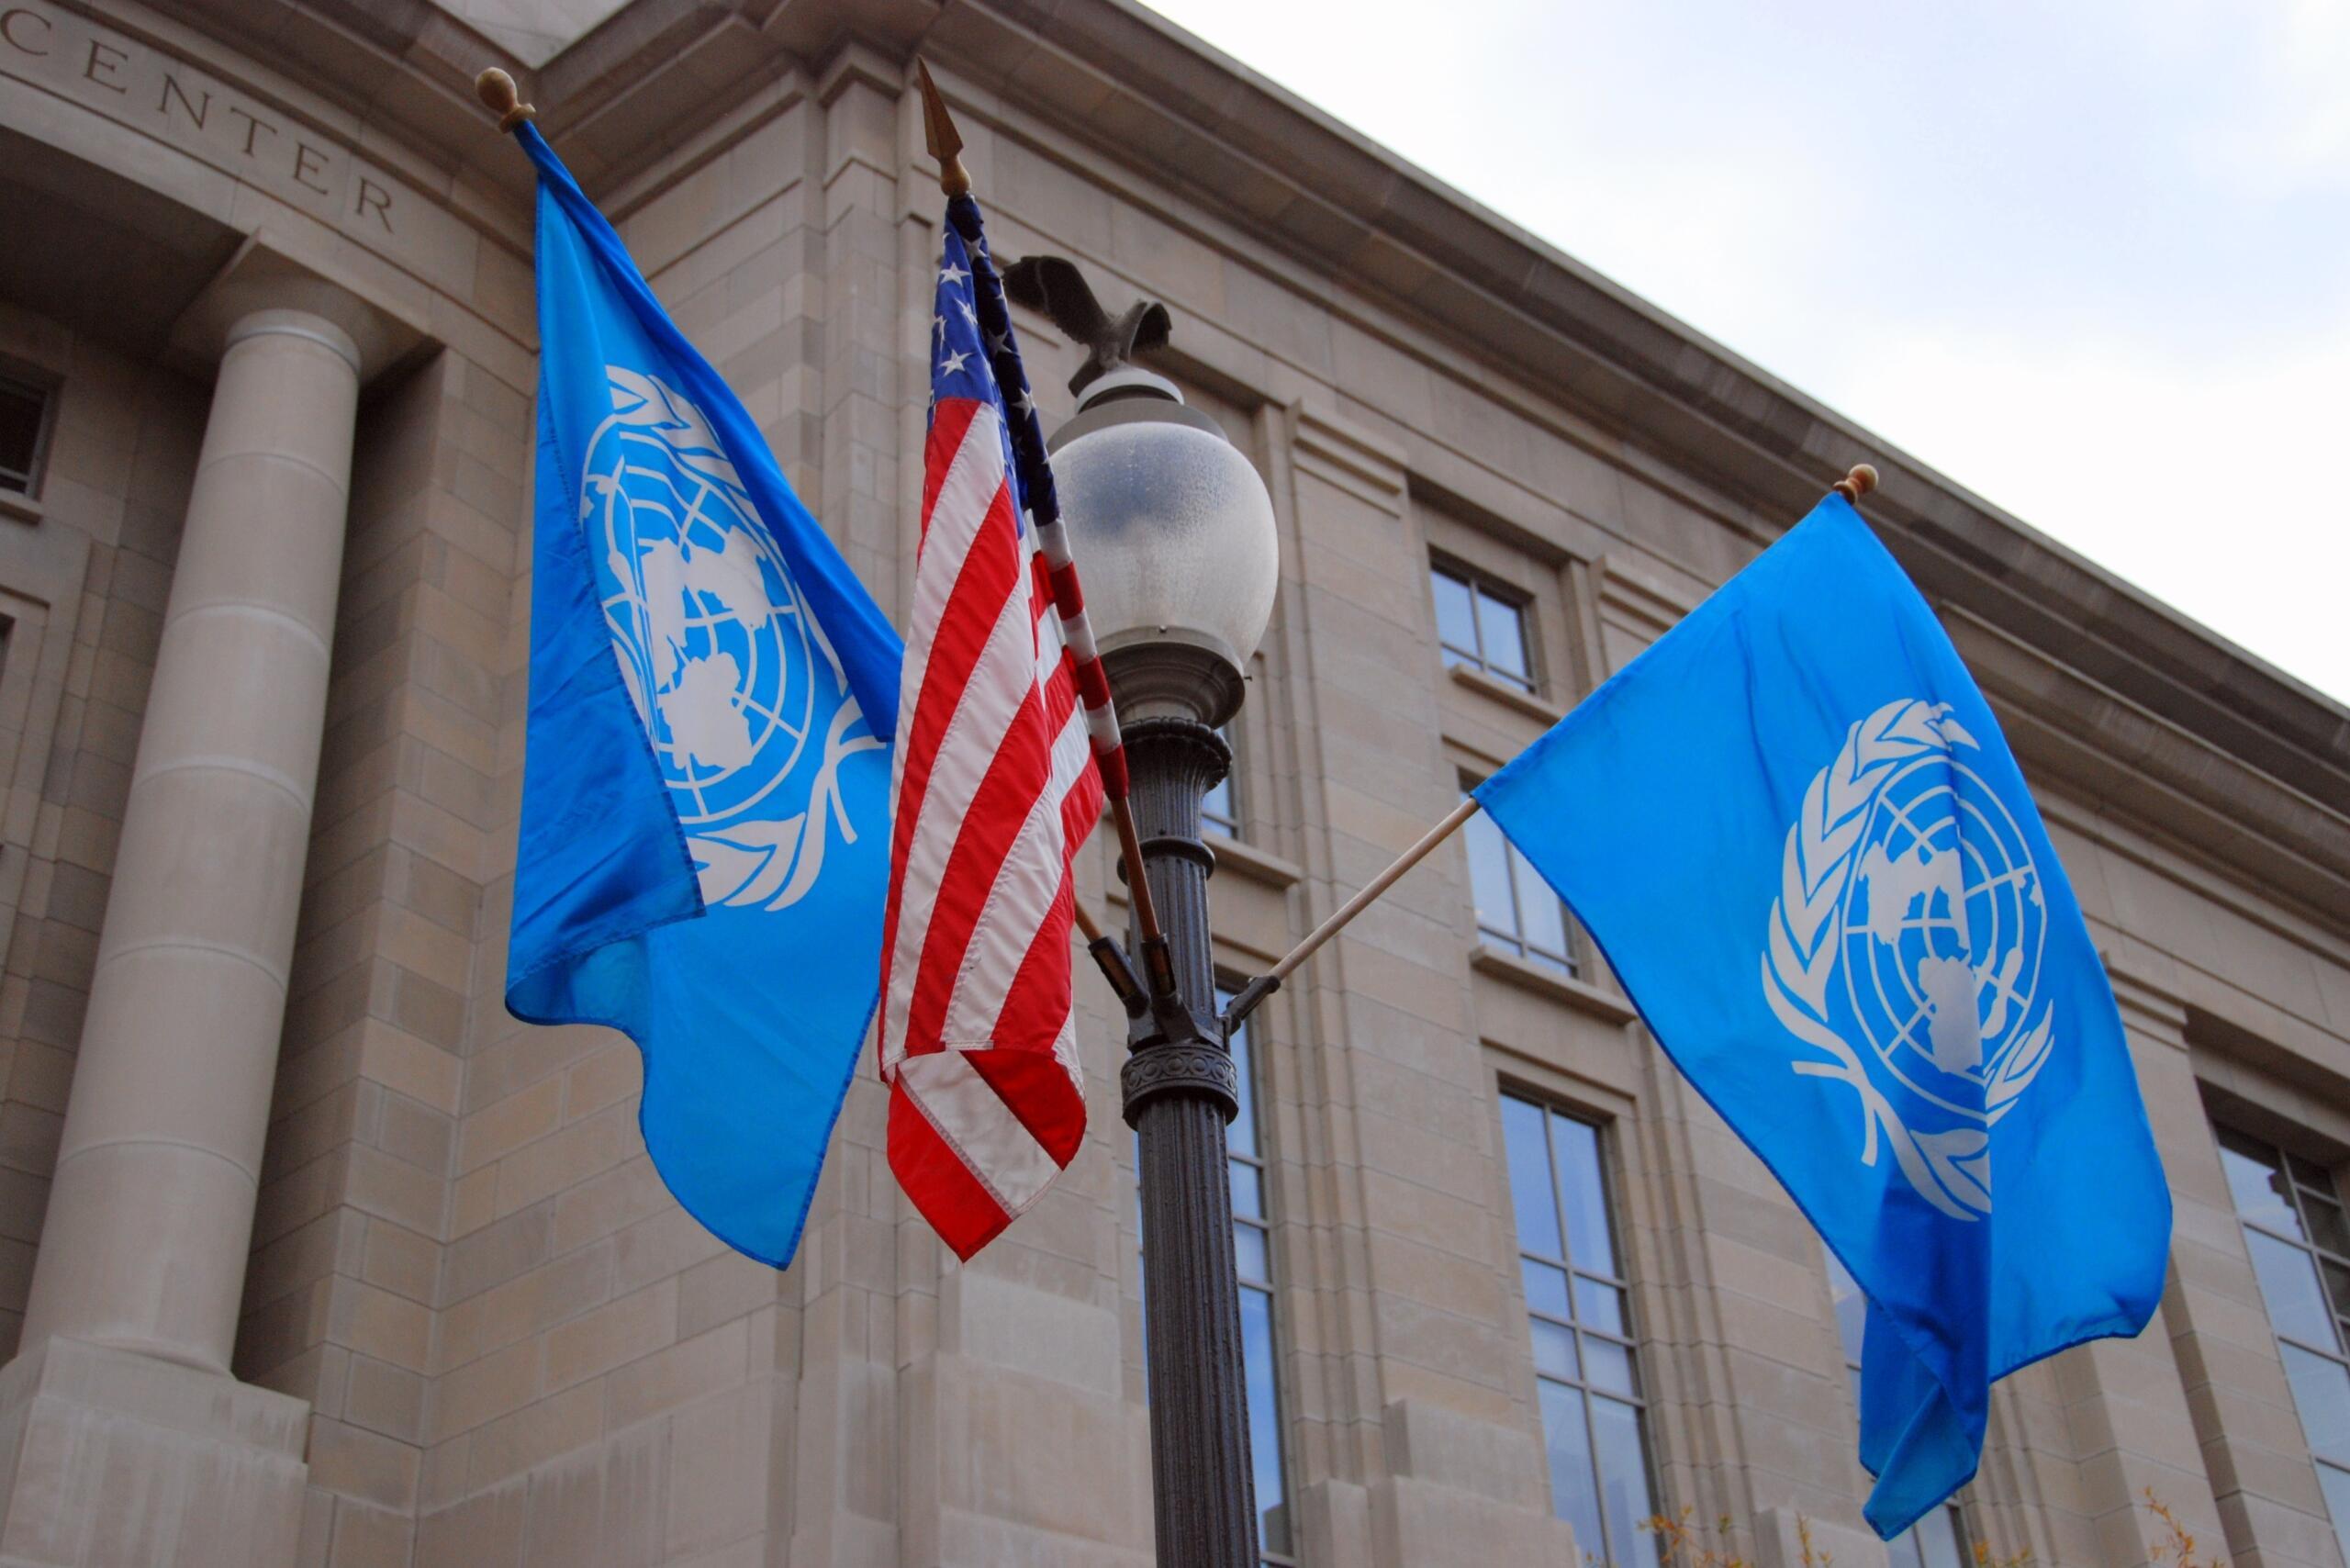 ABD'NİN BM DAİMİ TEMSİLCİSİ KRAFT, TAYVANLI YETKİLİYLE BİR ARAYA GELDİ